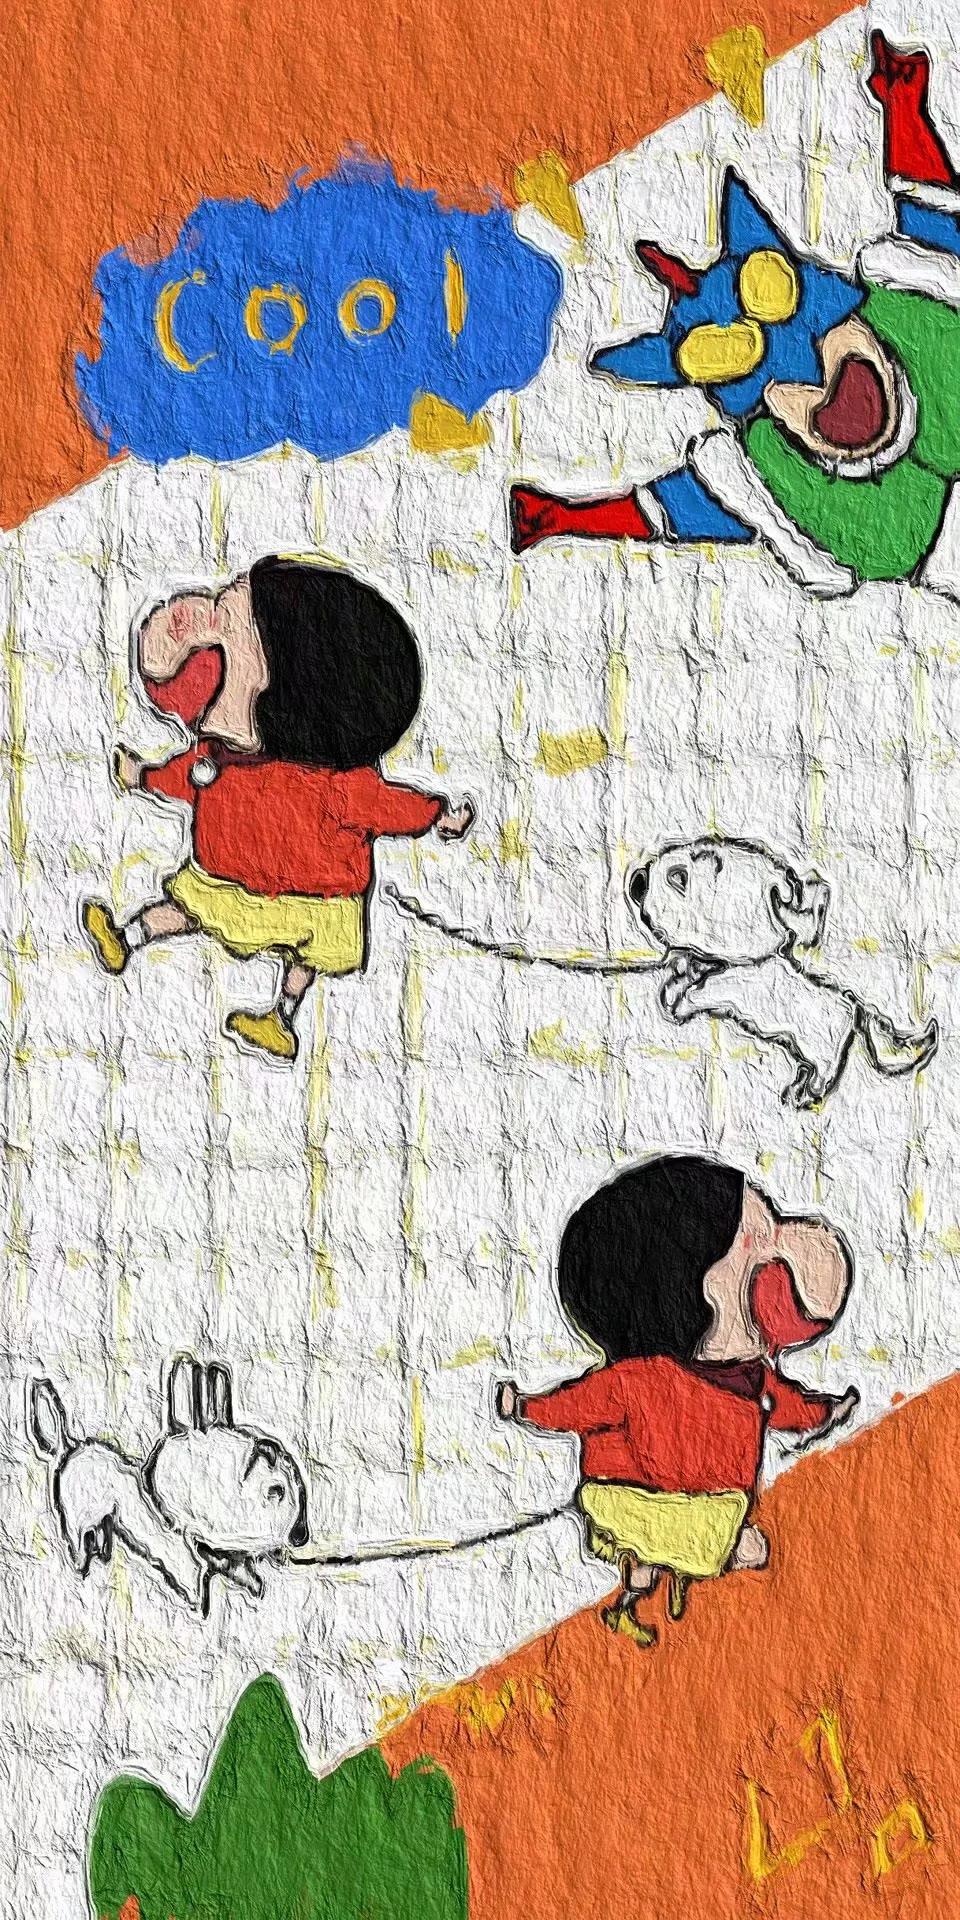 卡通动漫美图适合做微信QQ背景图 第16张图片